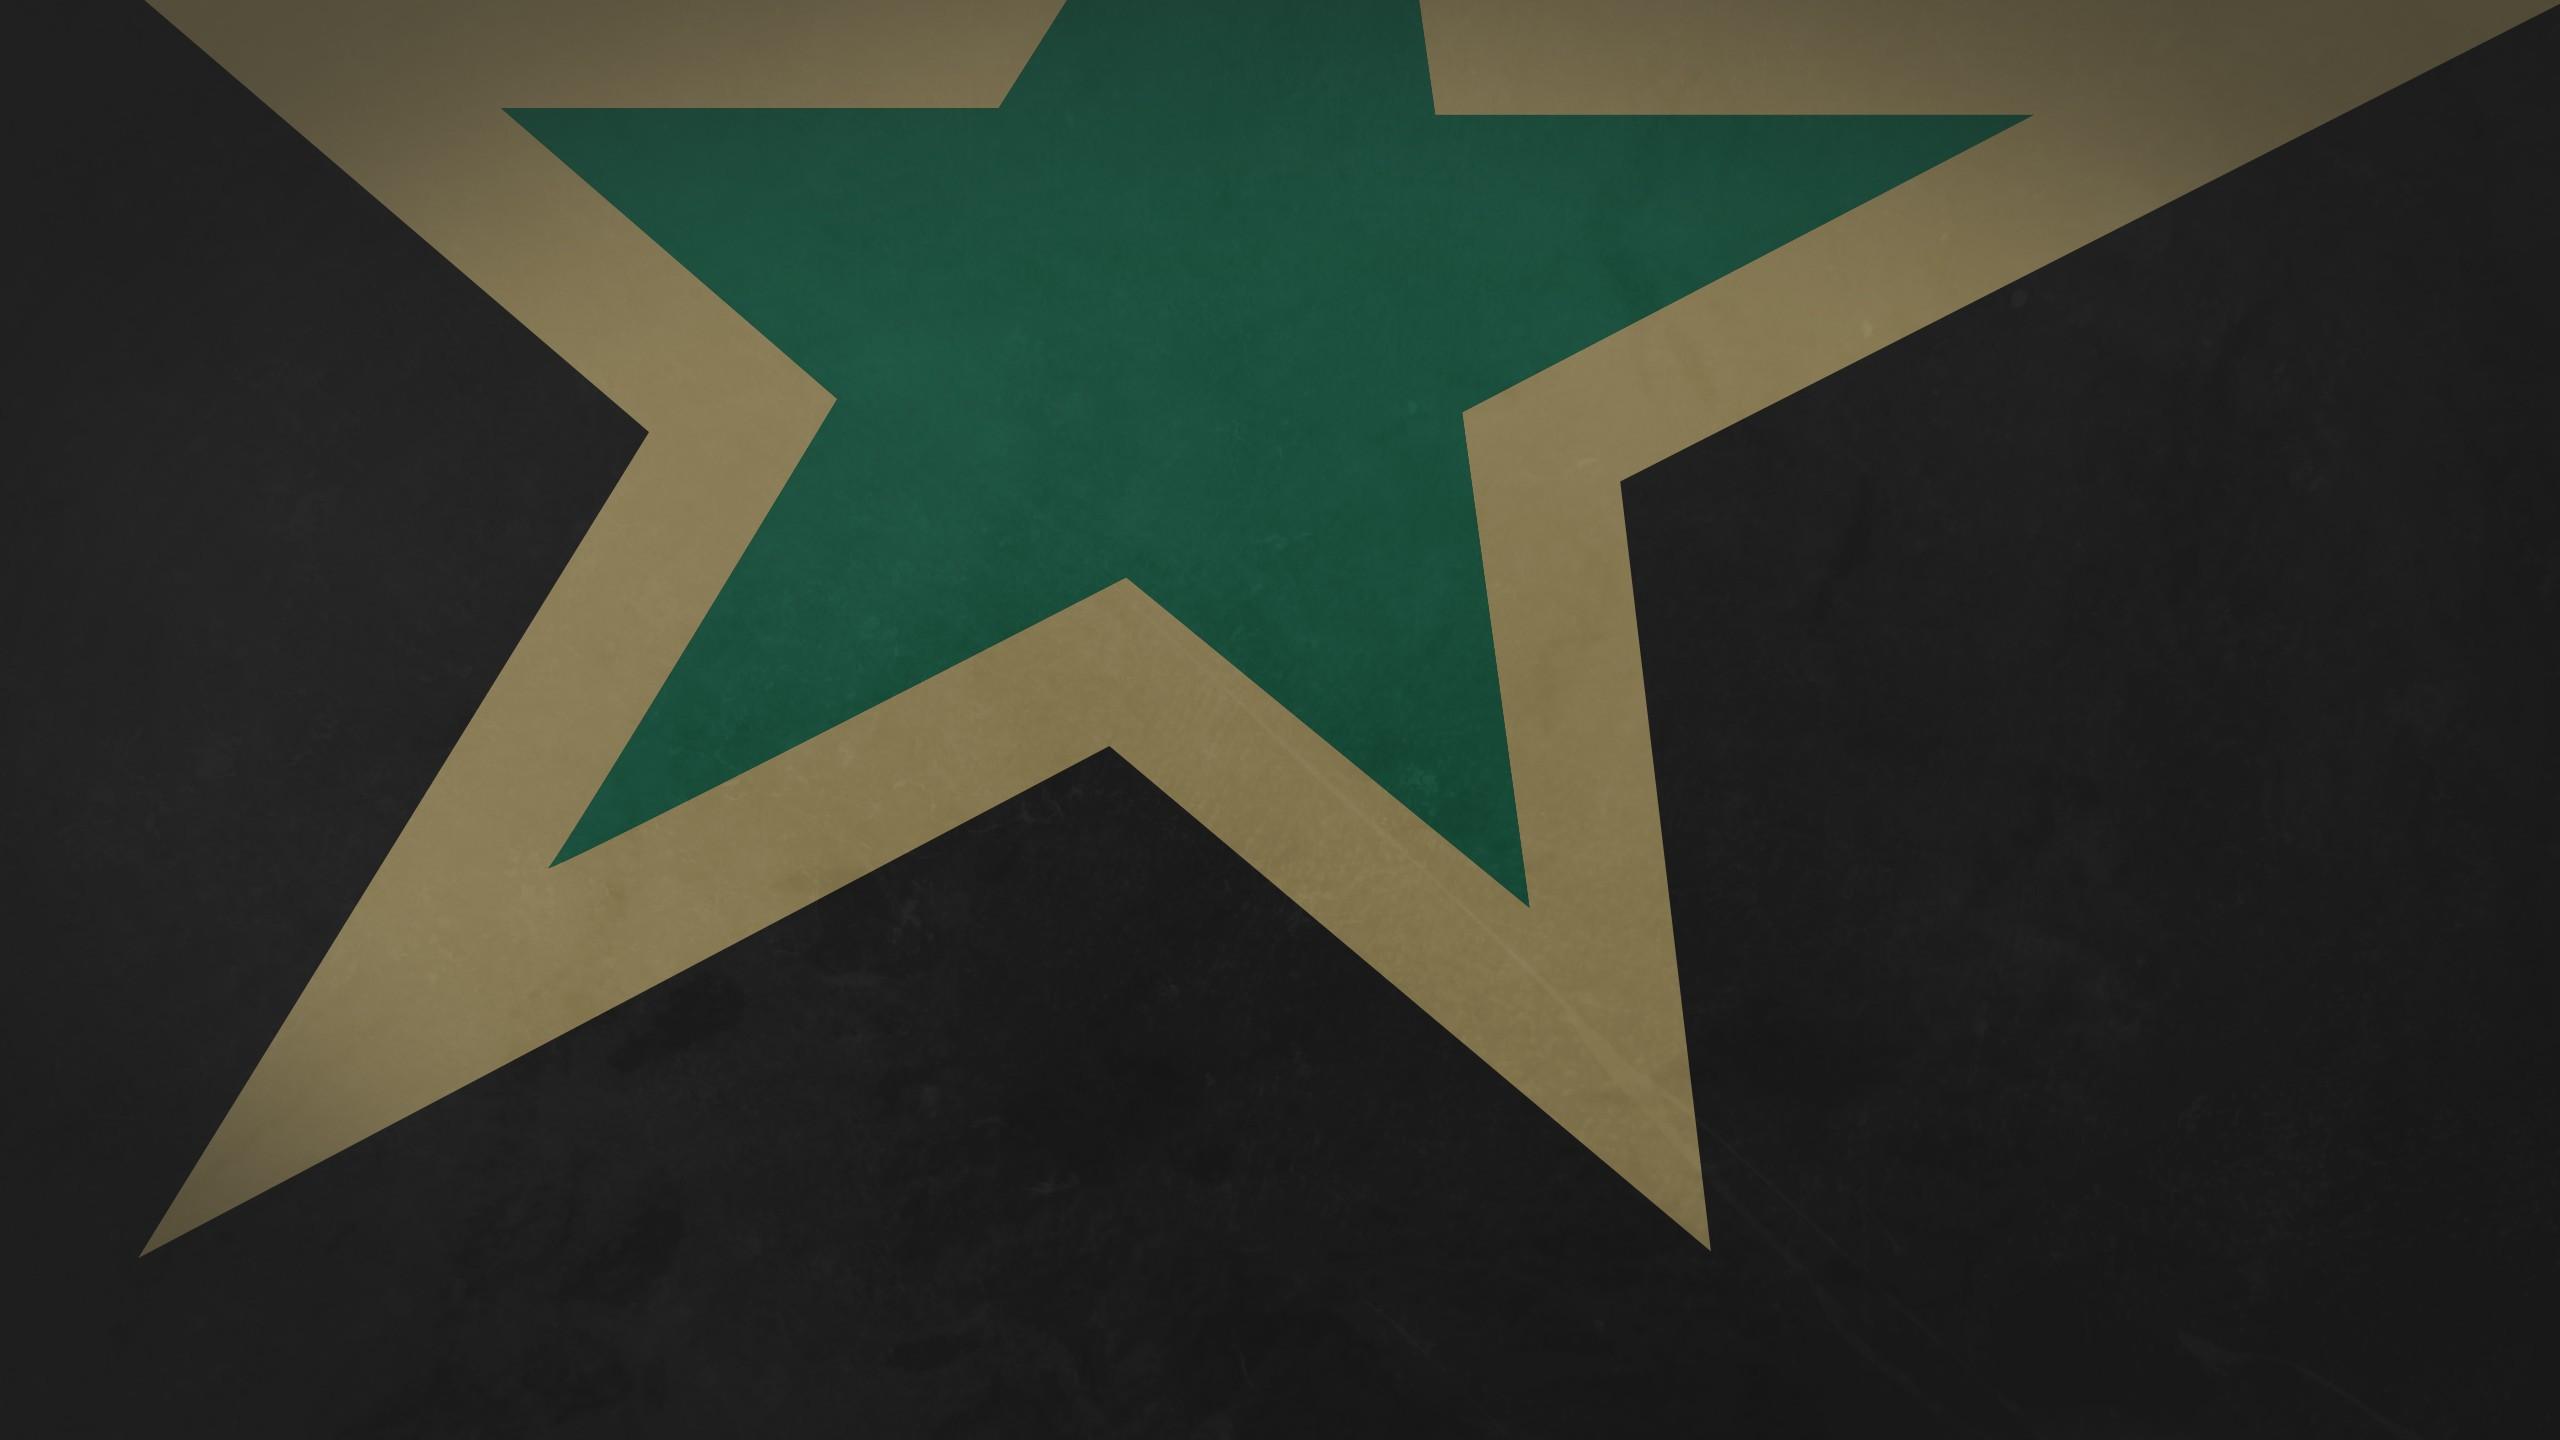 dallas stars facebook wallpaper